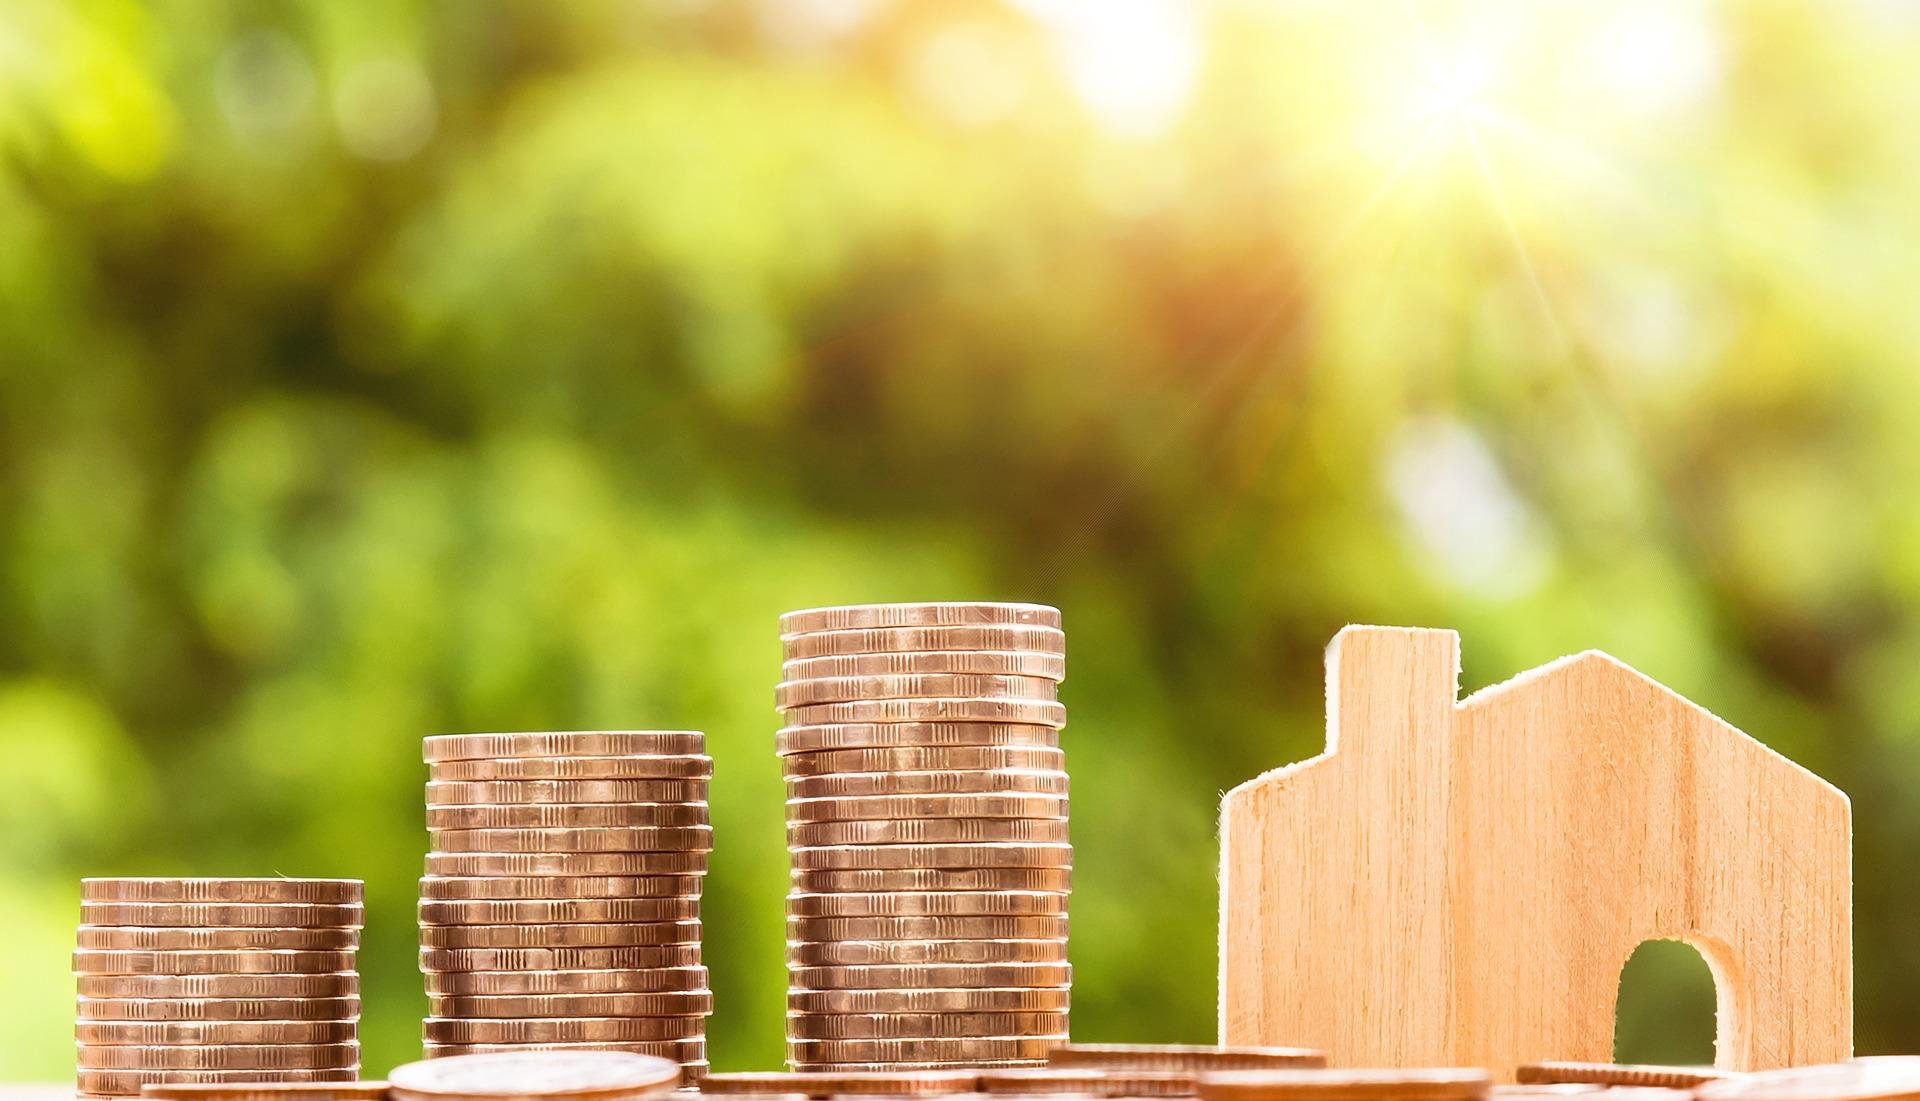 Steuern Sparen Mit Immobilien Zur Sicheren Altersvorsorge Anwalt24 De